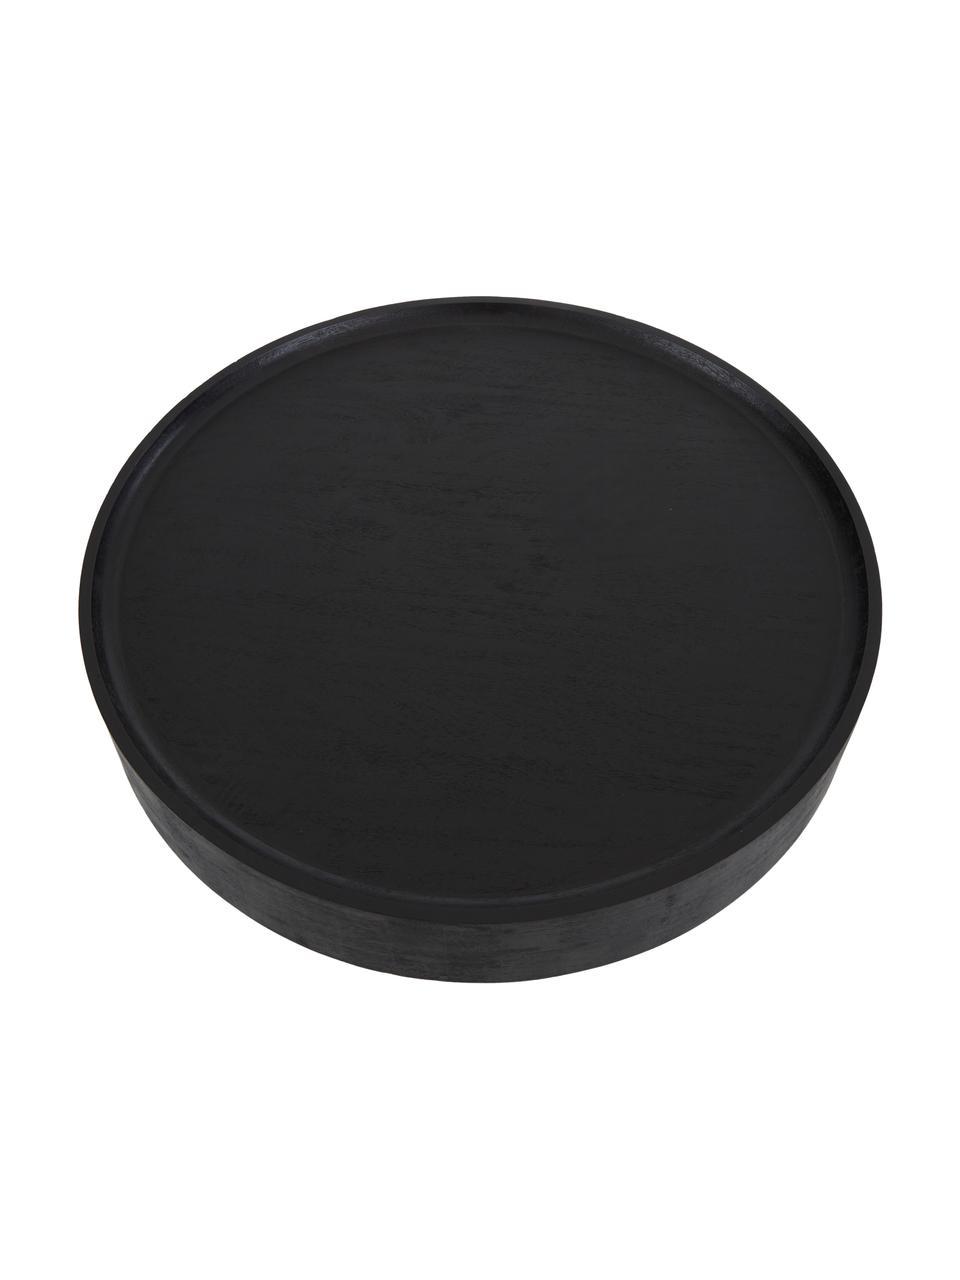 Couchtisch Benno aus Mangoholz in Schwarz, Massives Mangoholz, lackiert, Mangoholz, schwarz lackiert, Ø 80 x H 35 cm